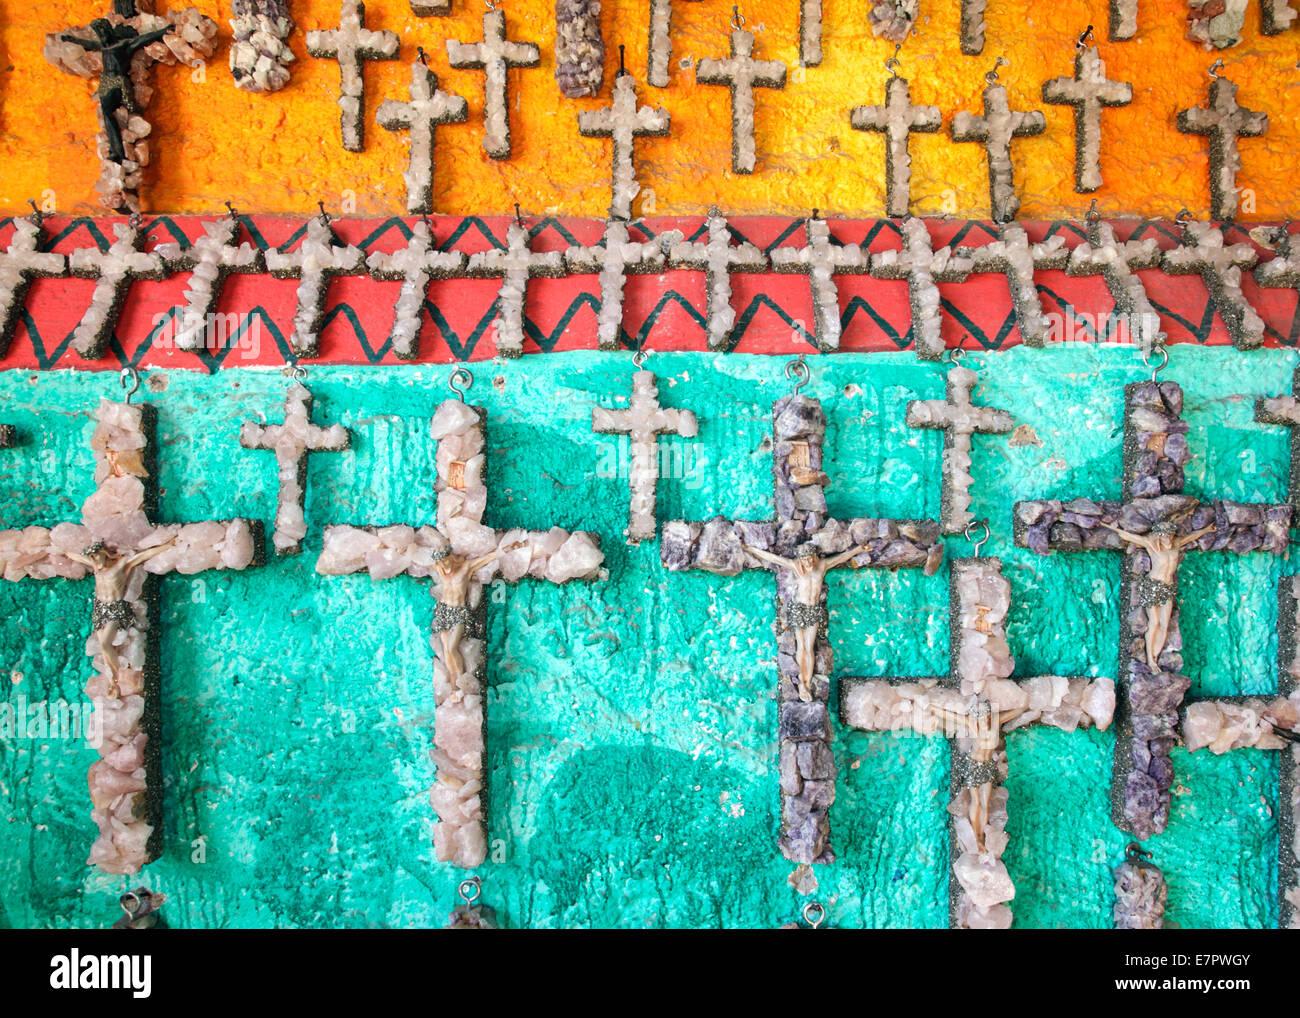 Quartz Crosses for sale in Guanajuato, Mexico - Stock Image